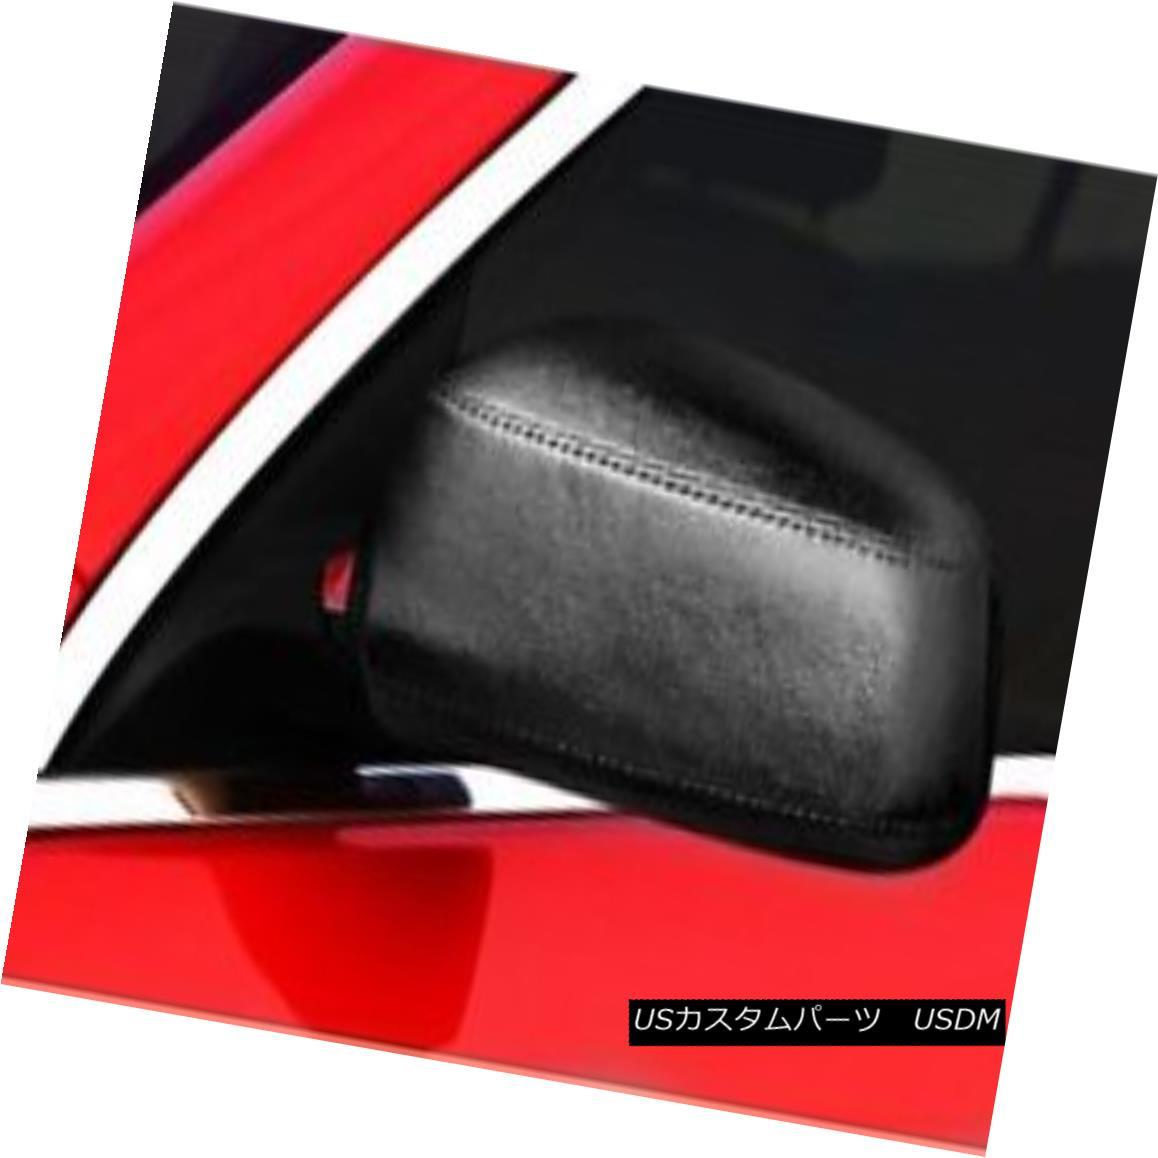 フルブラ ノーズブラ Colgan Car Mirror Covers Bra Protector Black Fits Chevy 1995-1997 CHEVY Impala Colgan Car Mirror CoversブラジャープロテクターブラックはChevyに適合1995-1997 CHEVY Impala